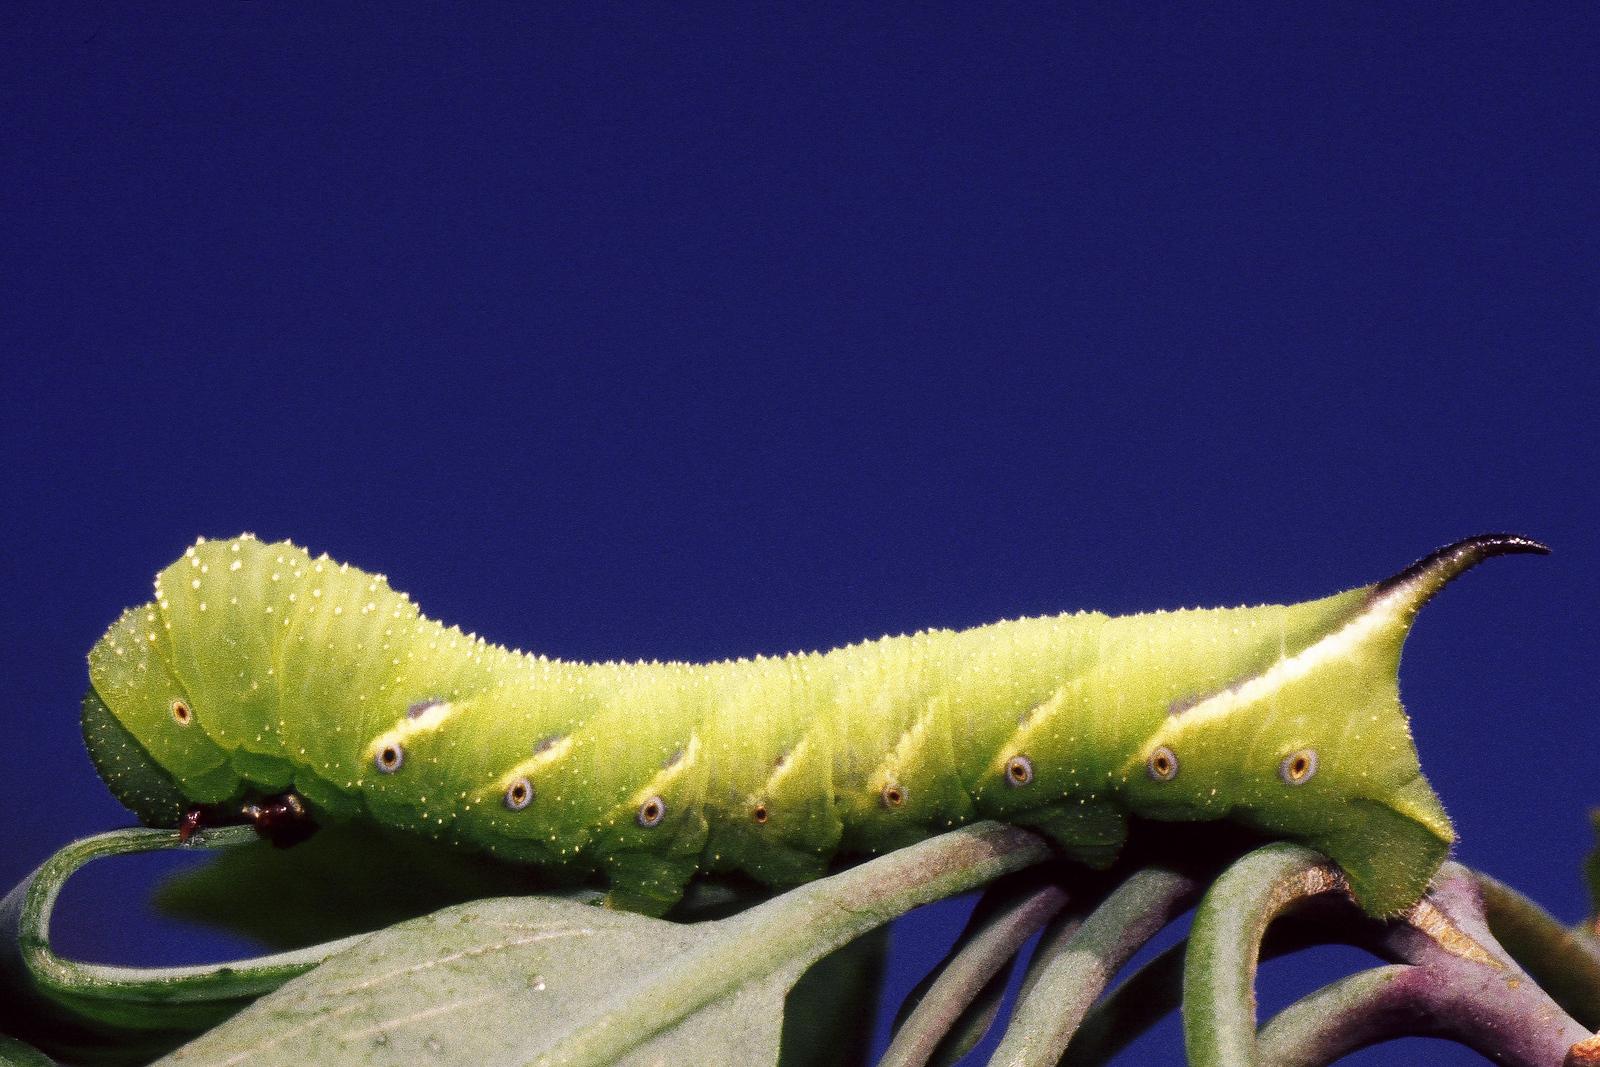 Manduca blackburnii (Lepidoptera: Sphingidae) on Nicotiana glauca, East Maui